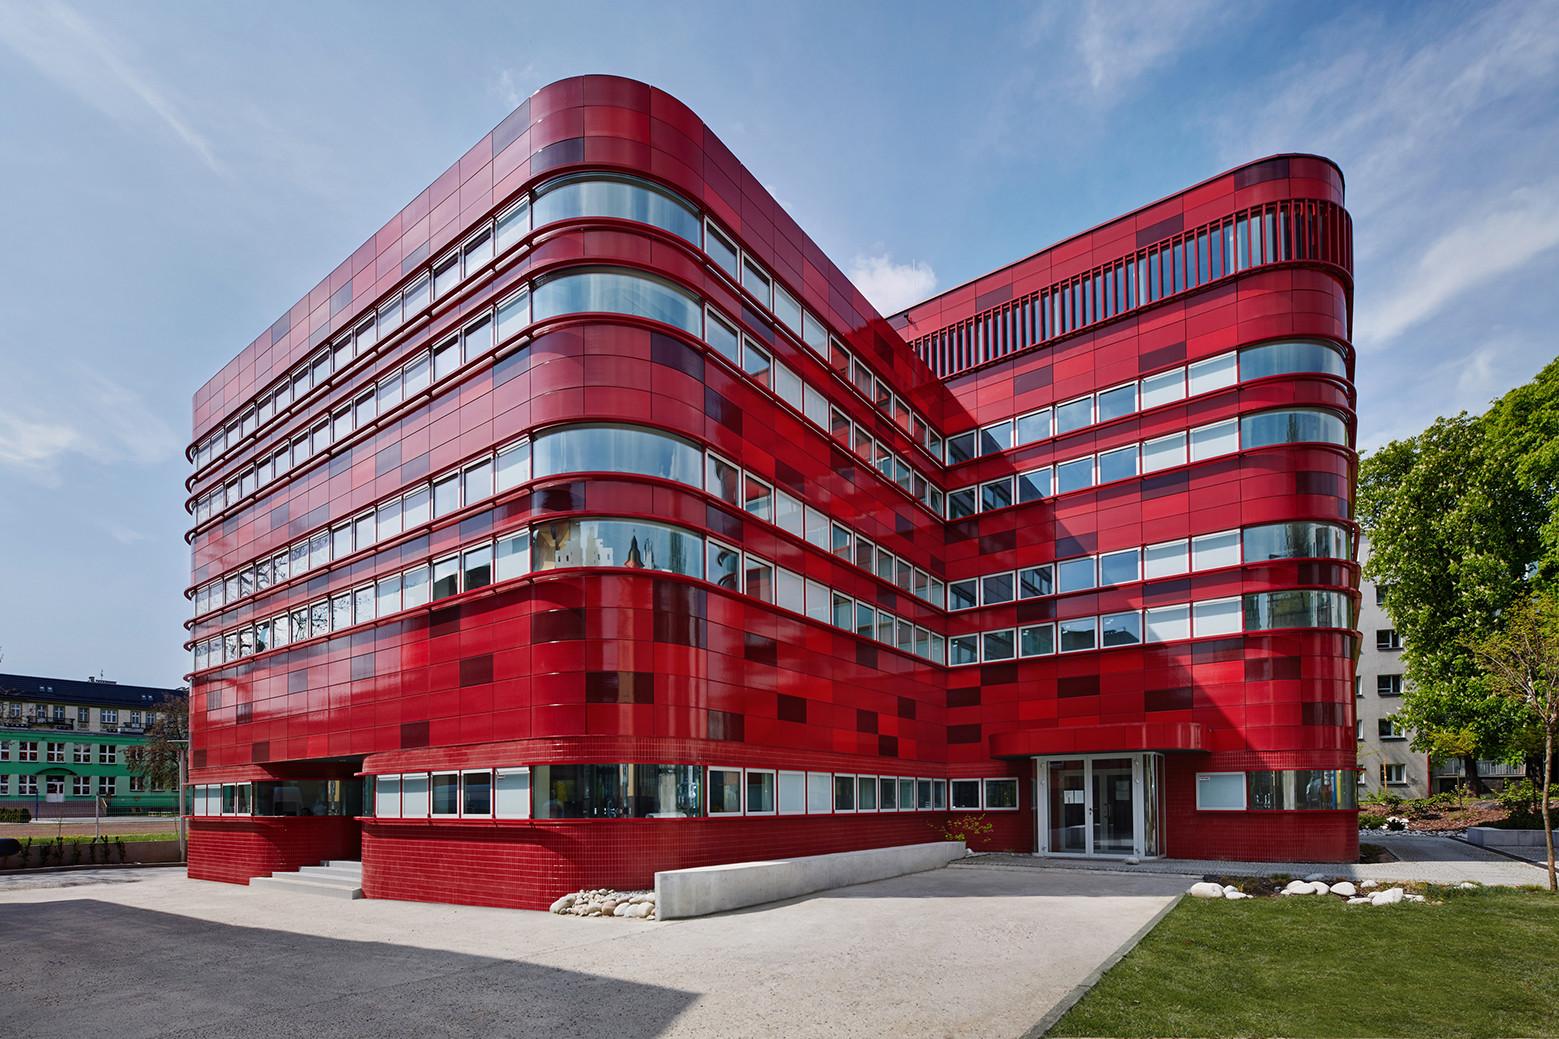 Blood Center / FAAB, © Bartłomiej Senkowski